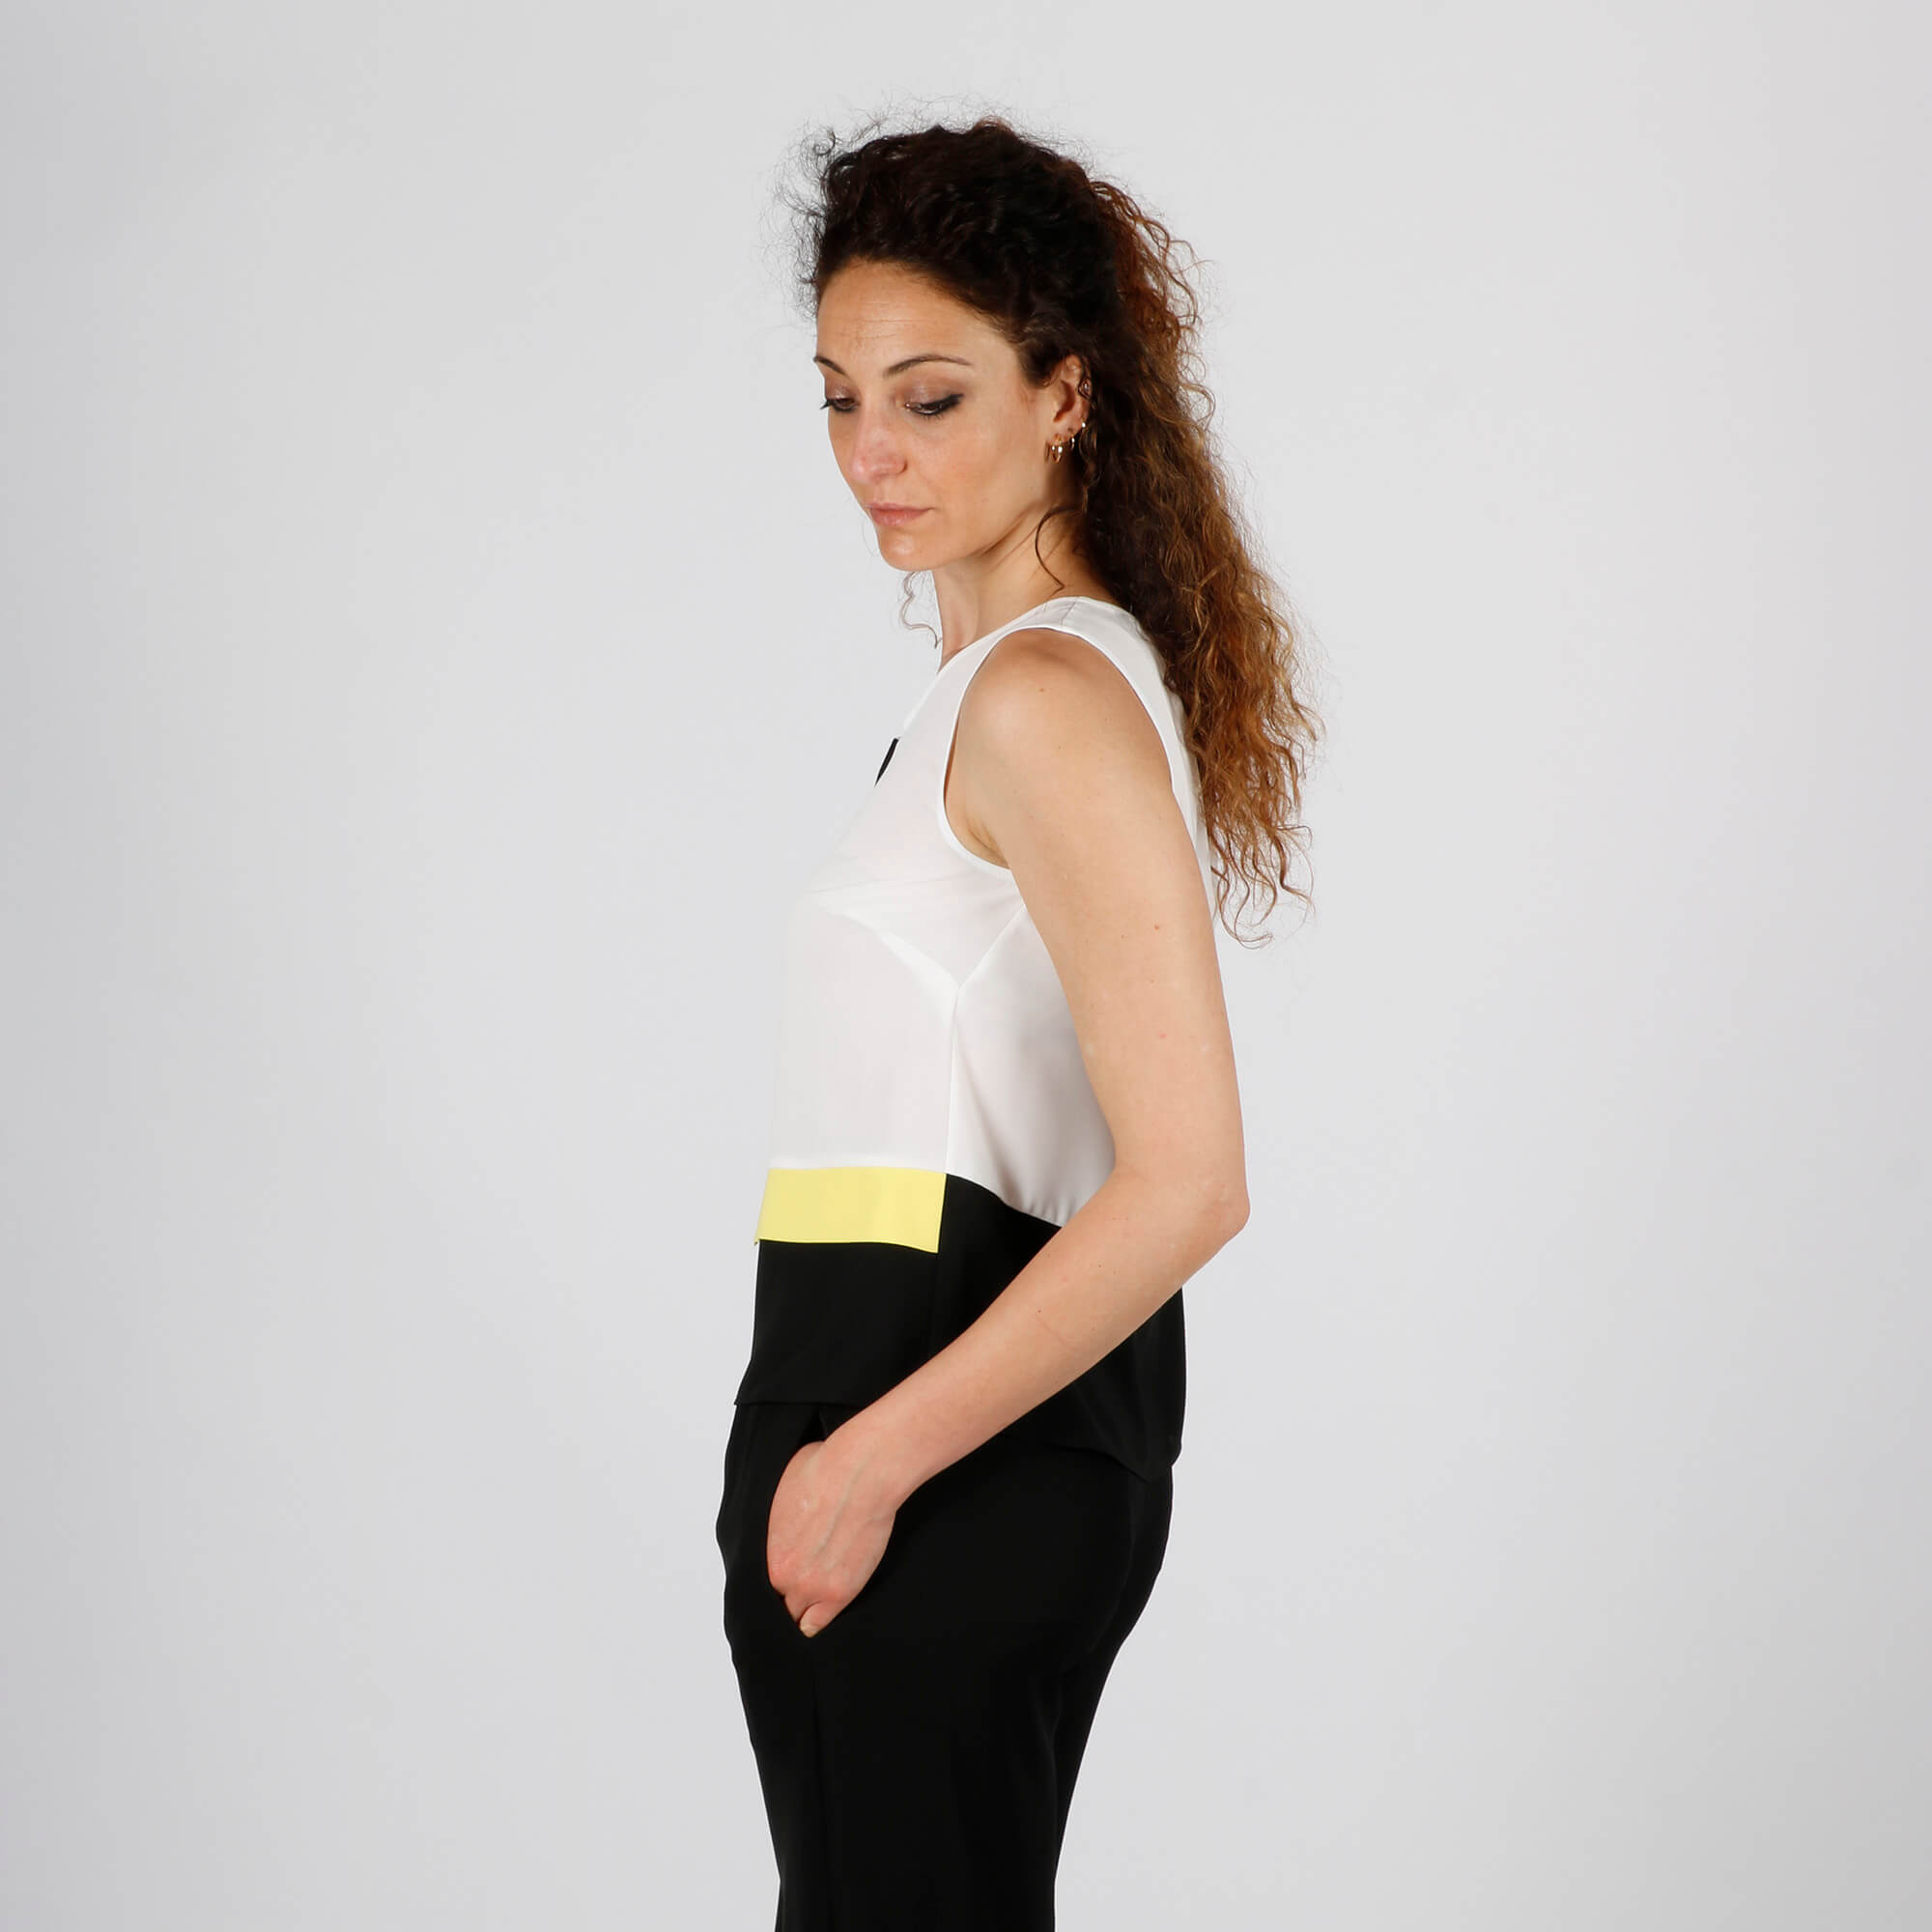 Blusa applicazione - Bianco/ Giallo